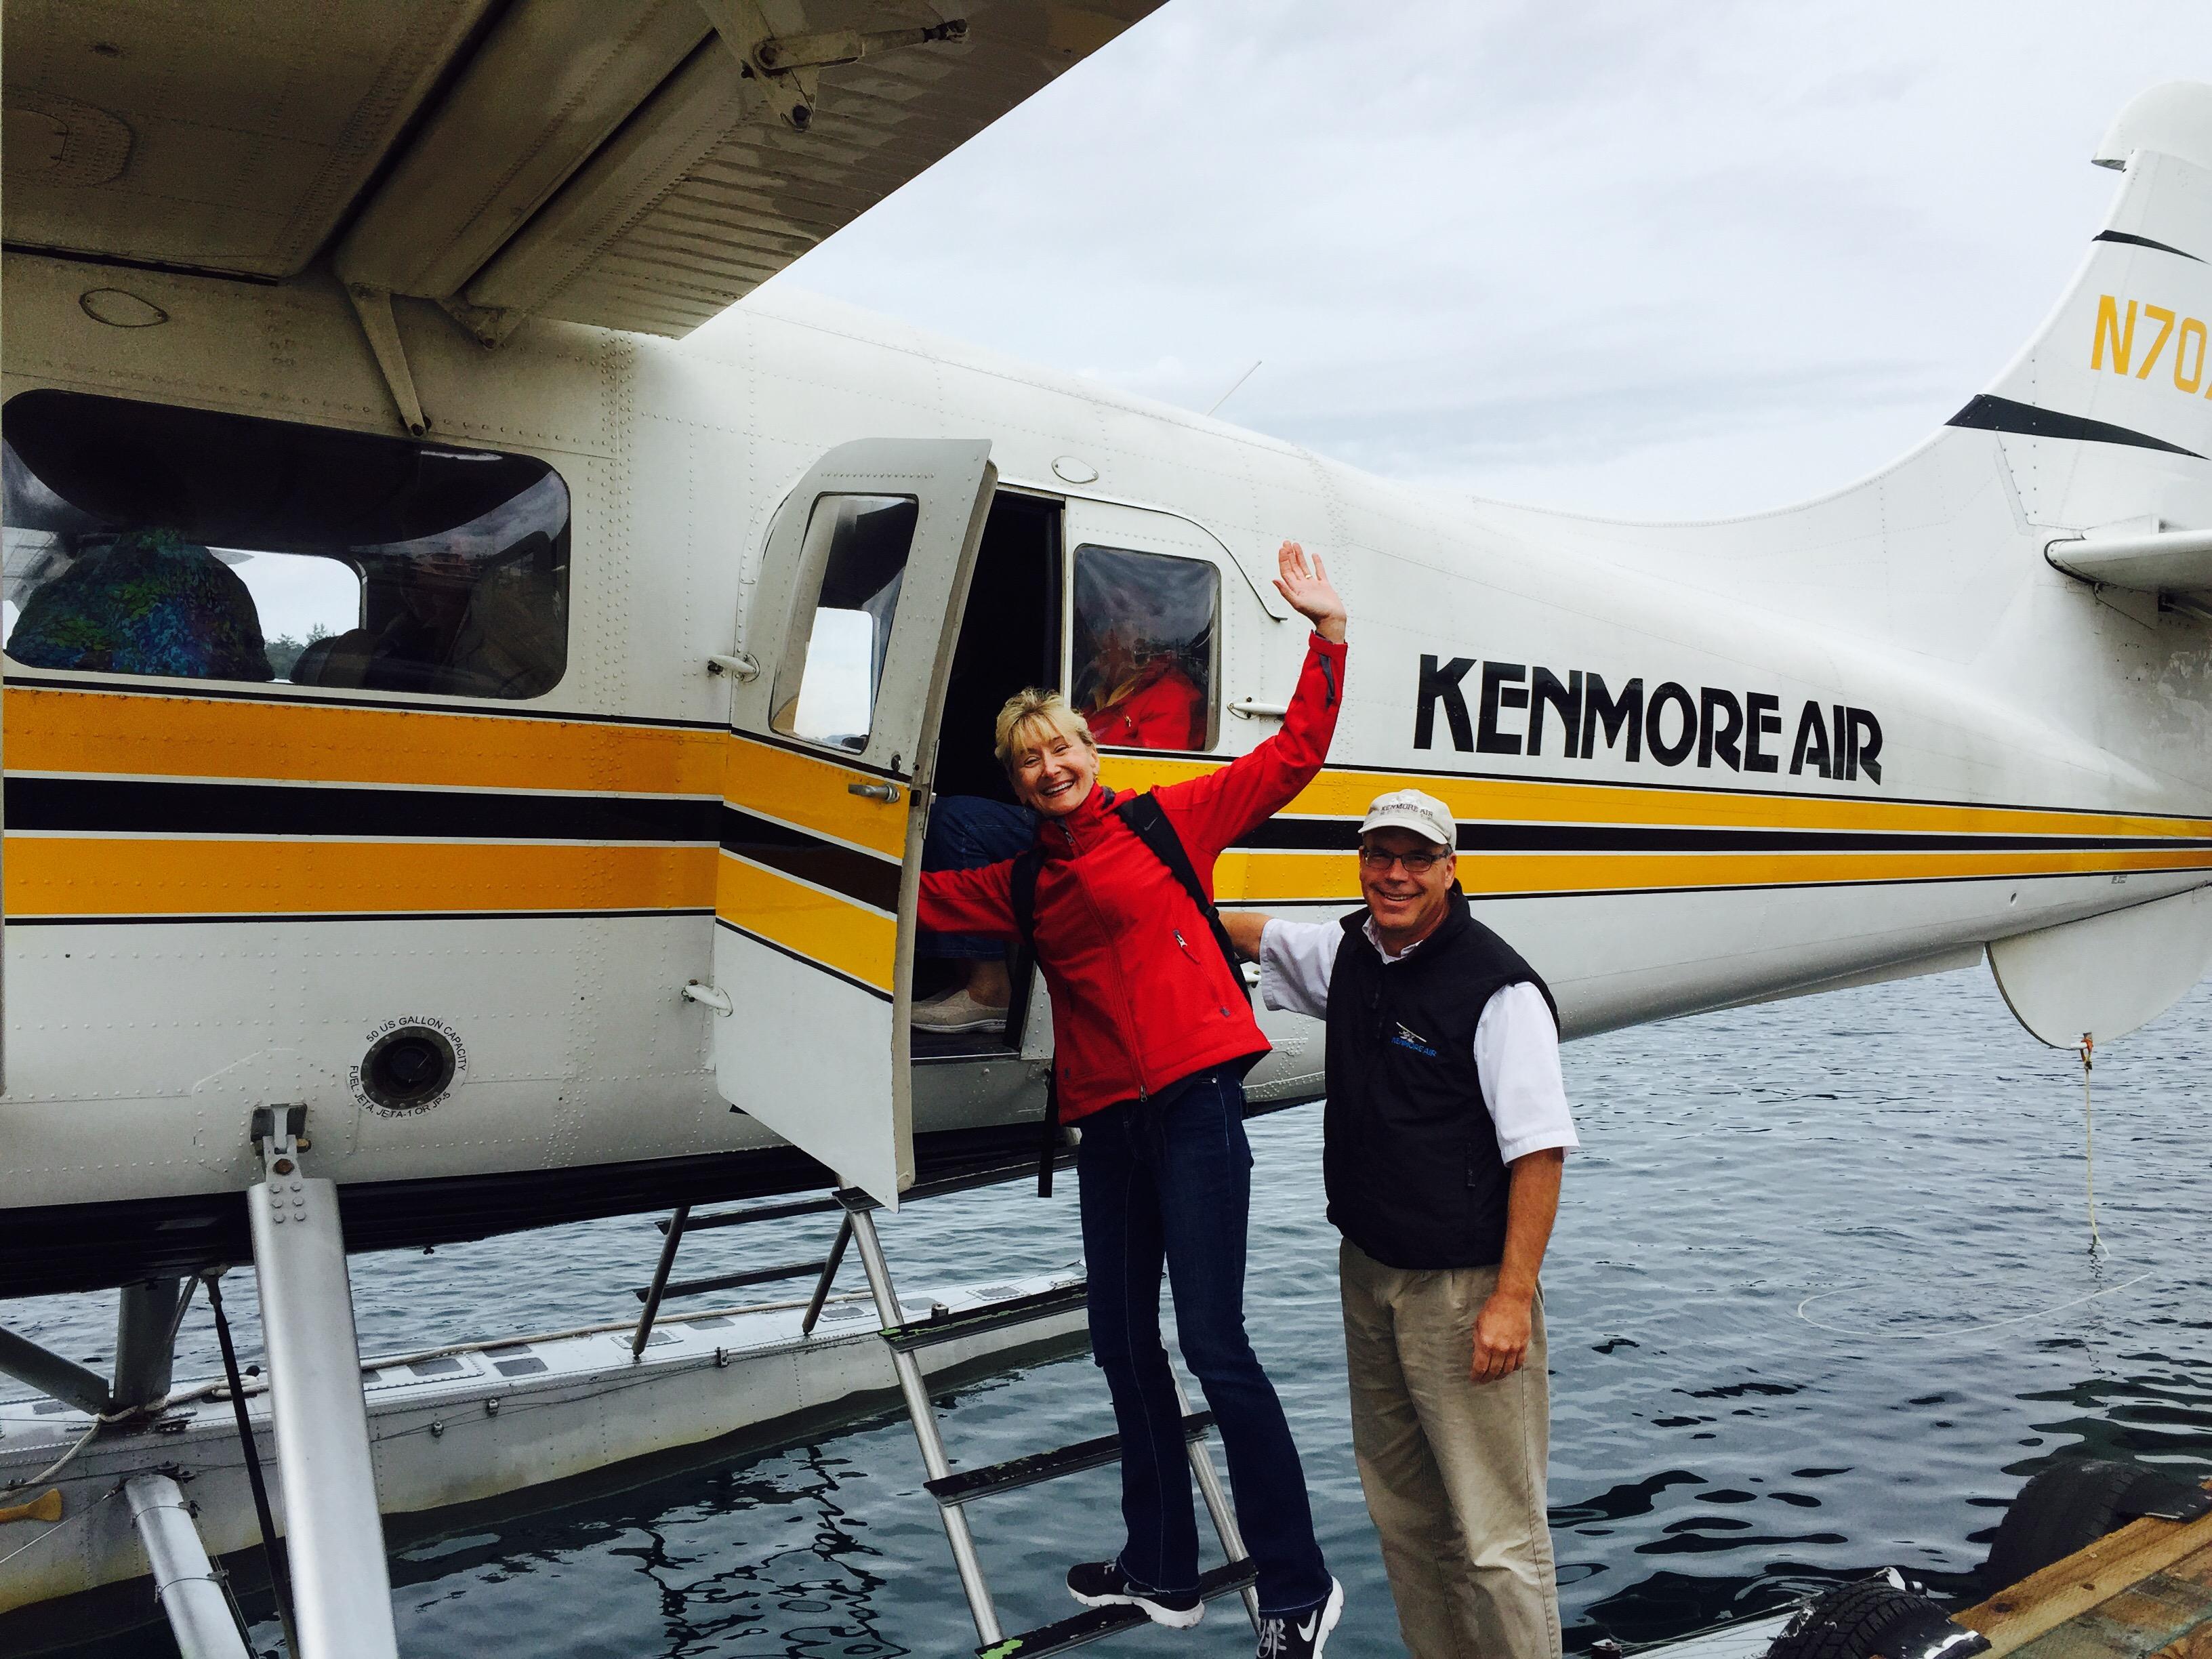 Washington seaplane tour